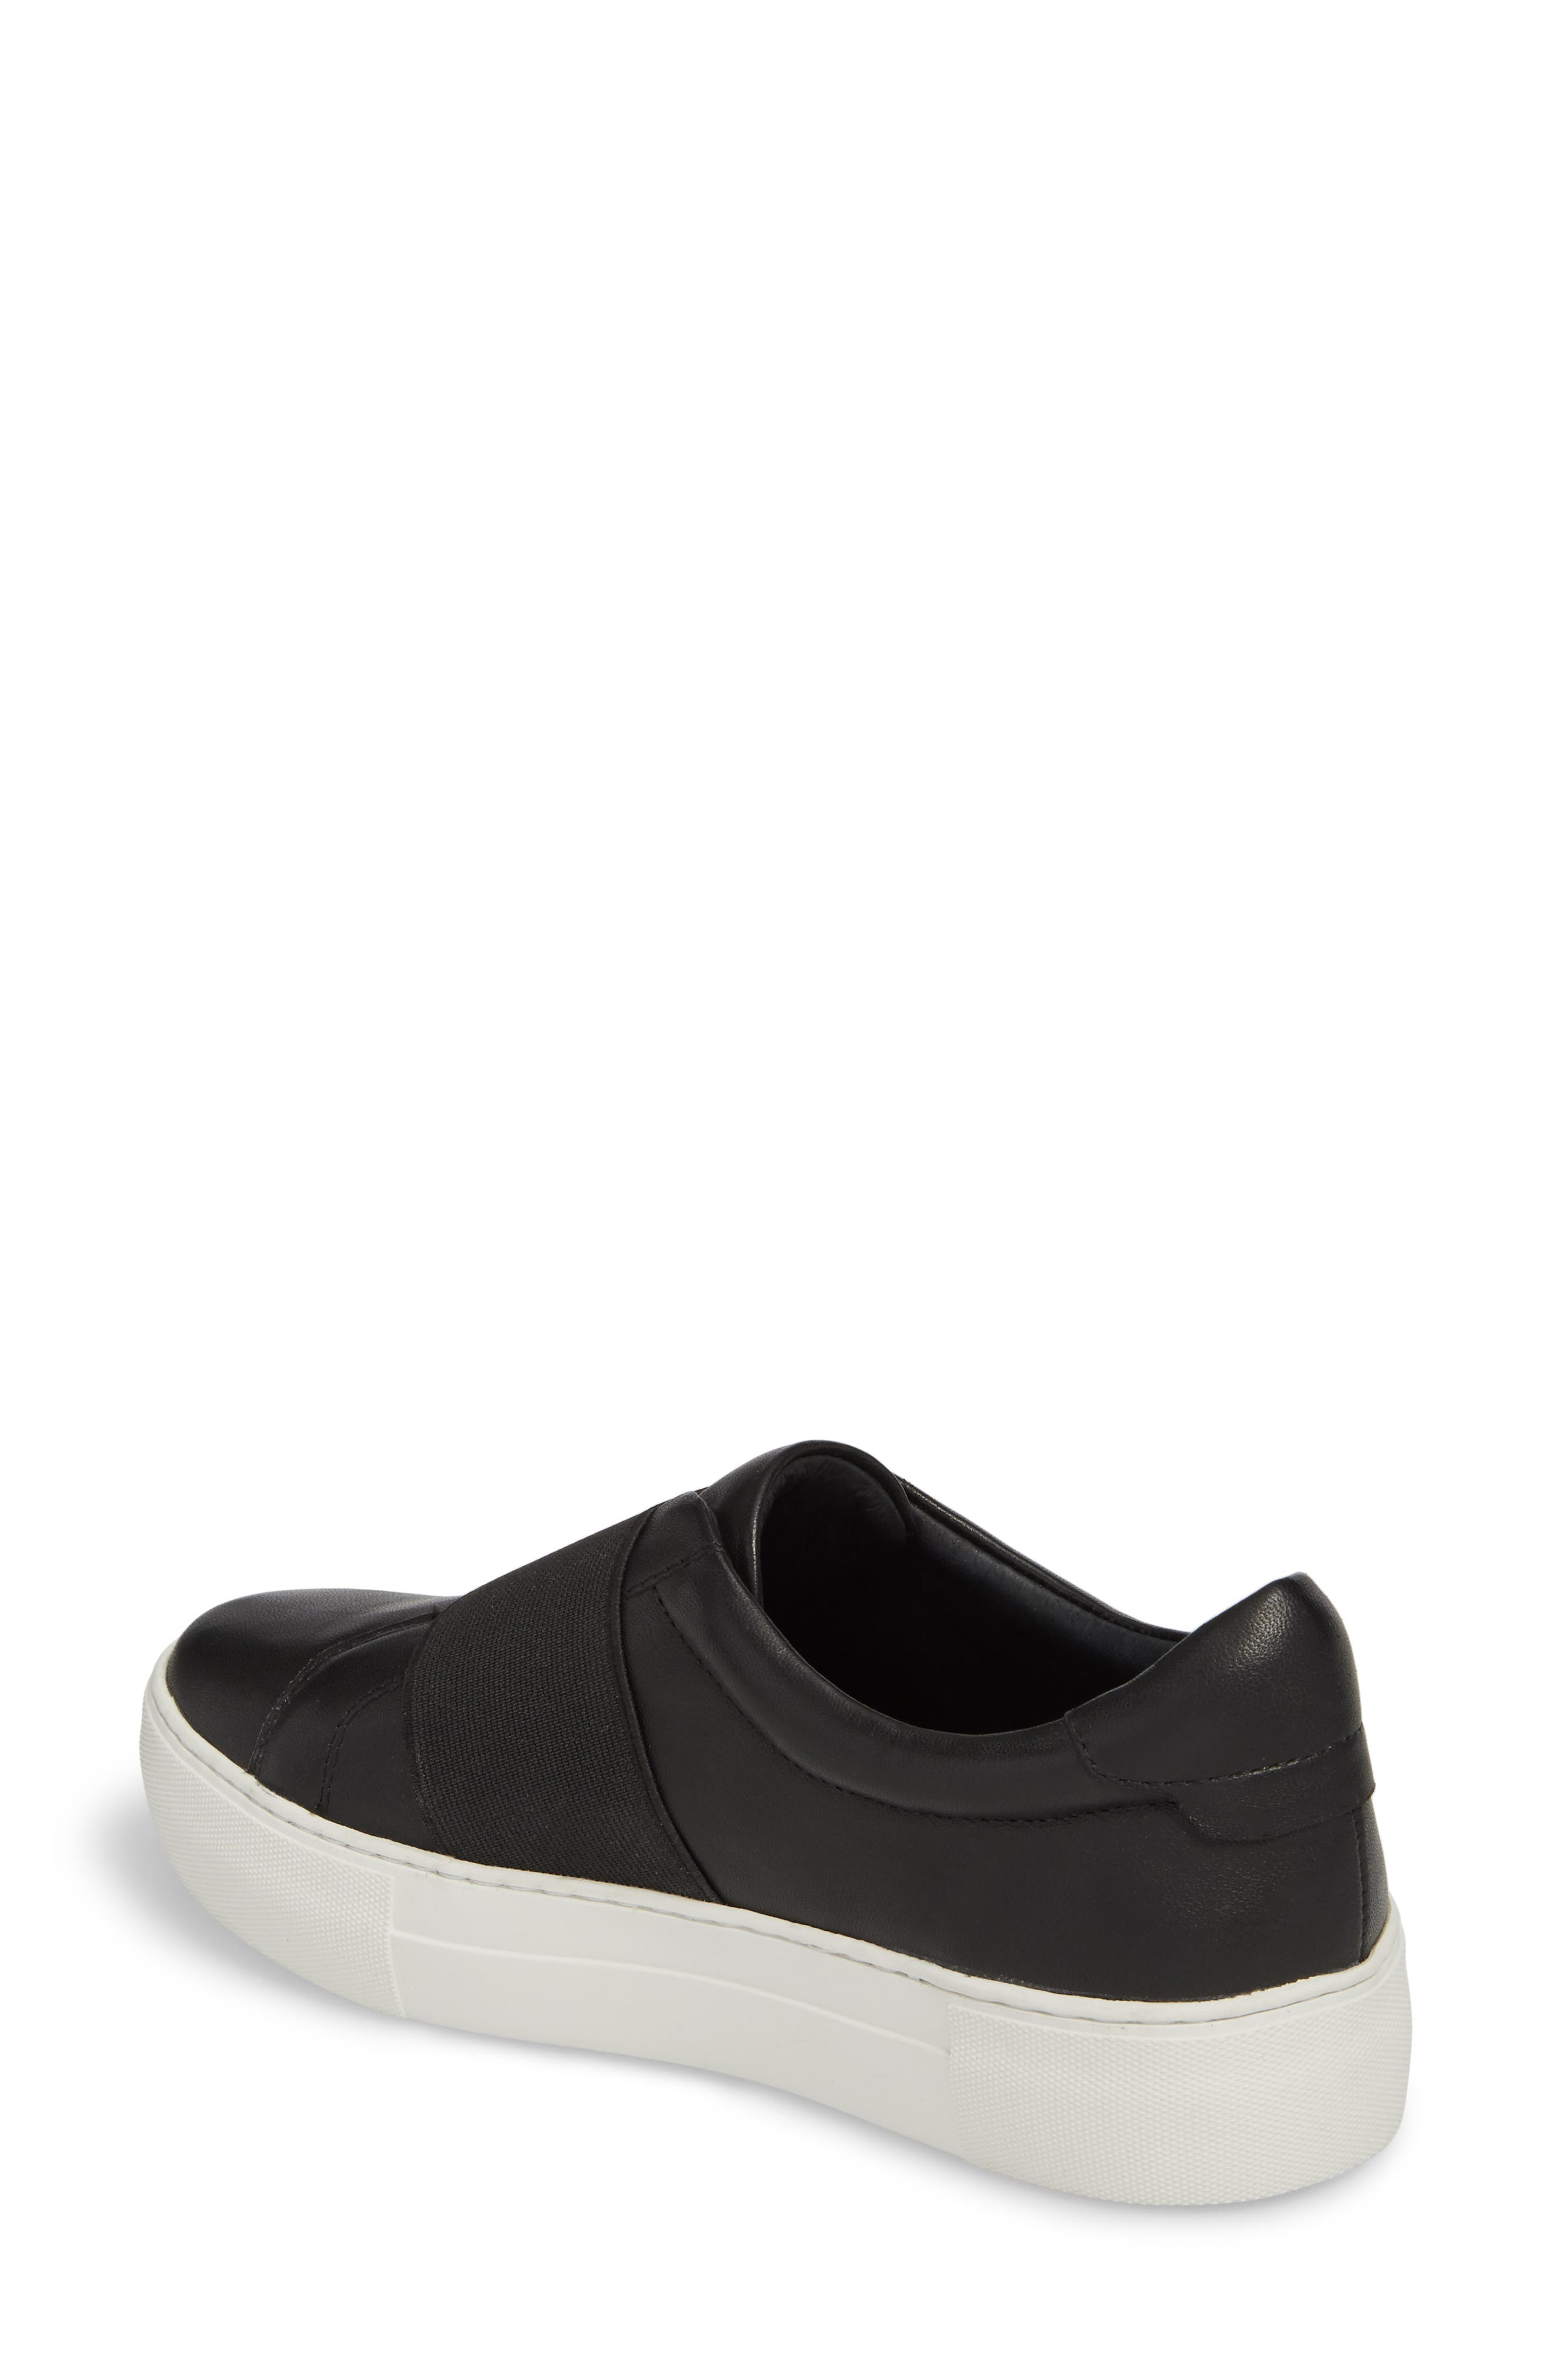 Adorn Slip-On Sneaker,                             Alternate thumbnail 2, color,                             BLACK/ BLACK LEATHER